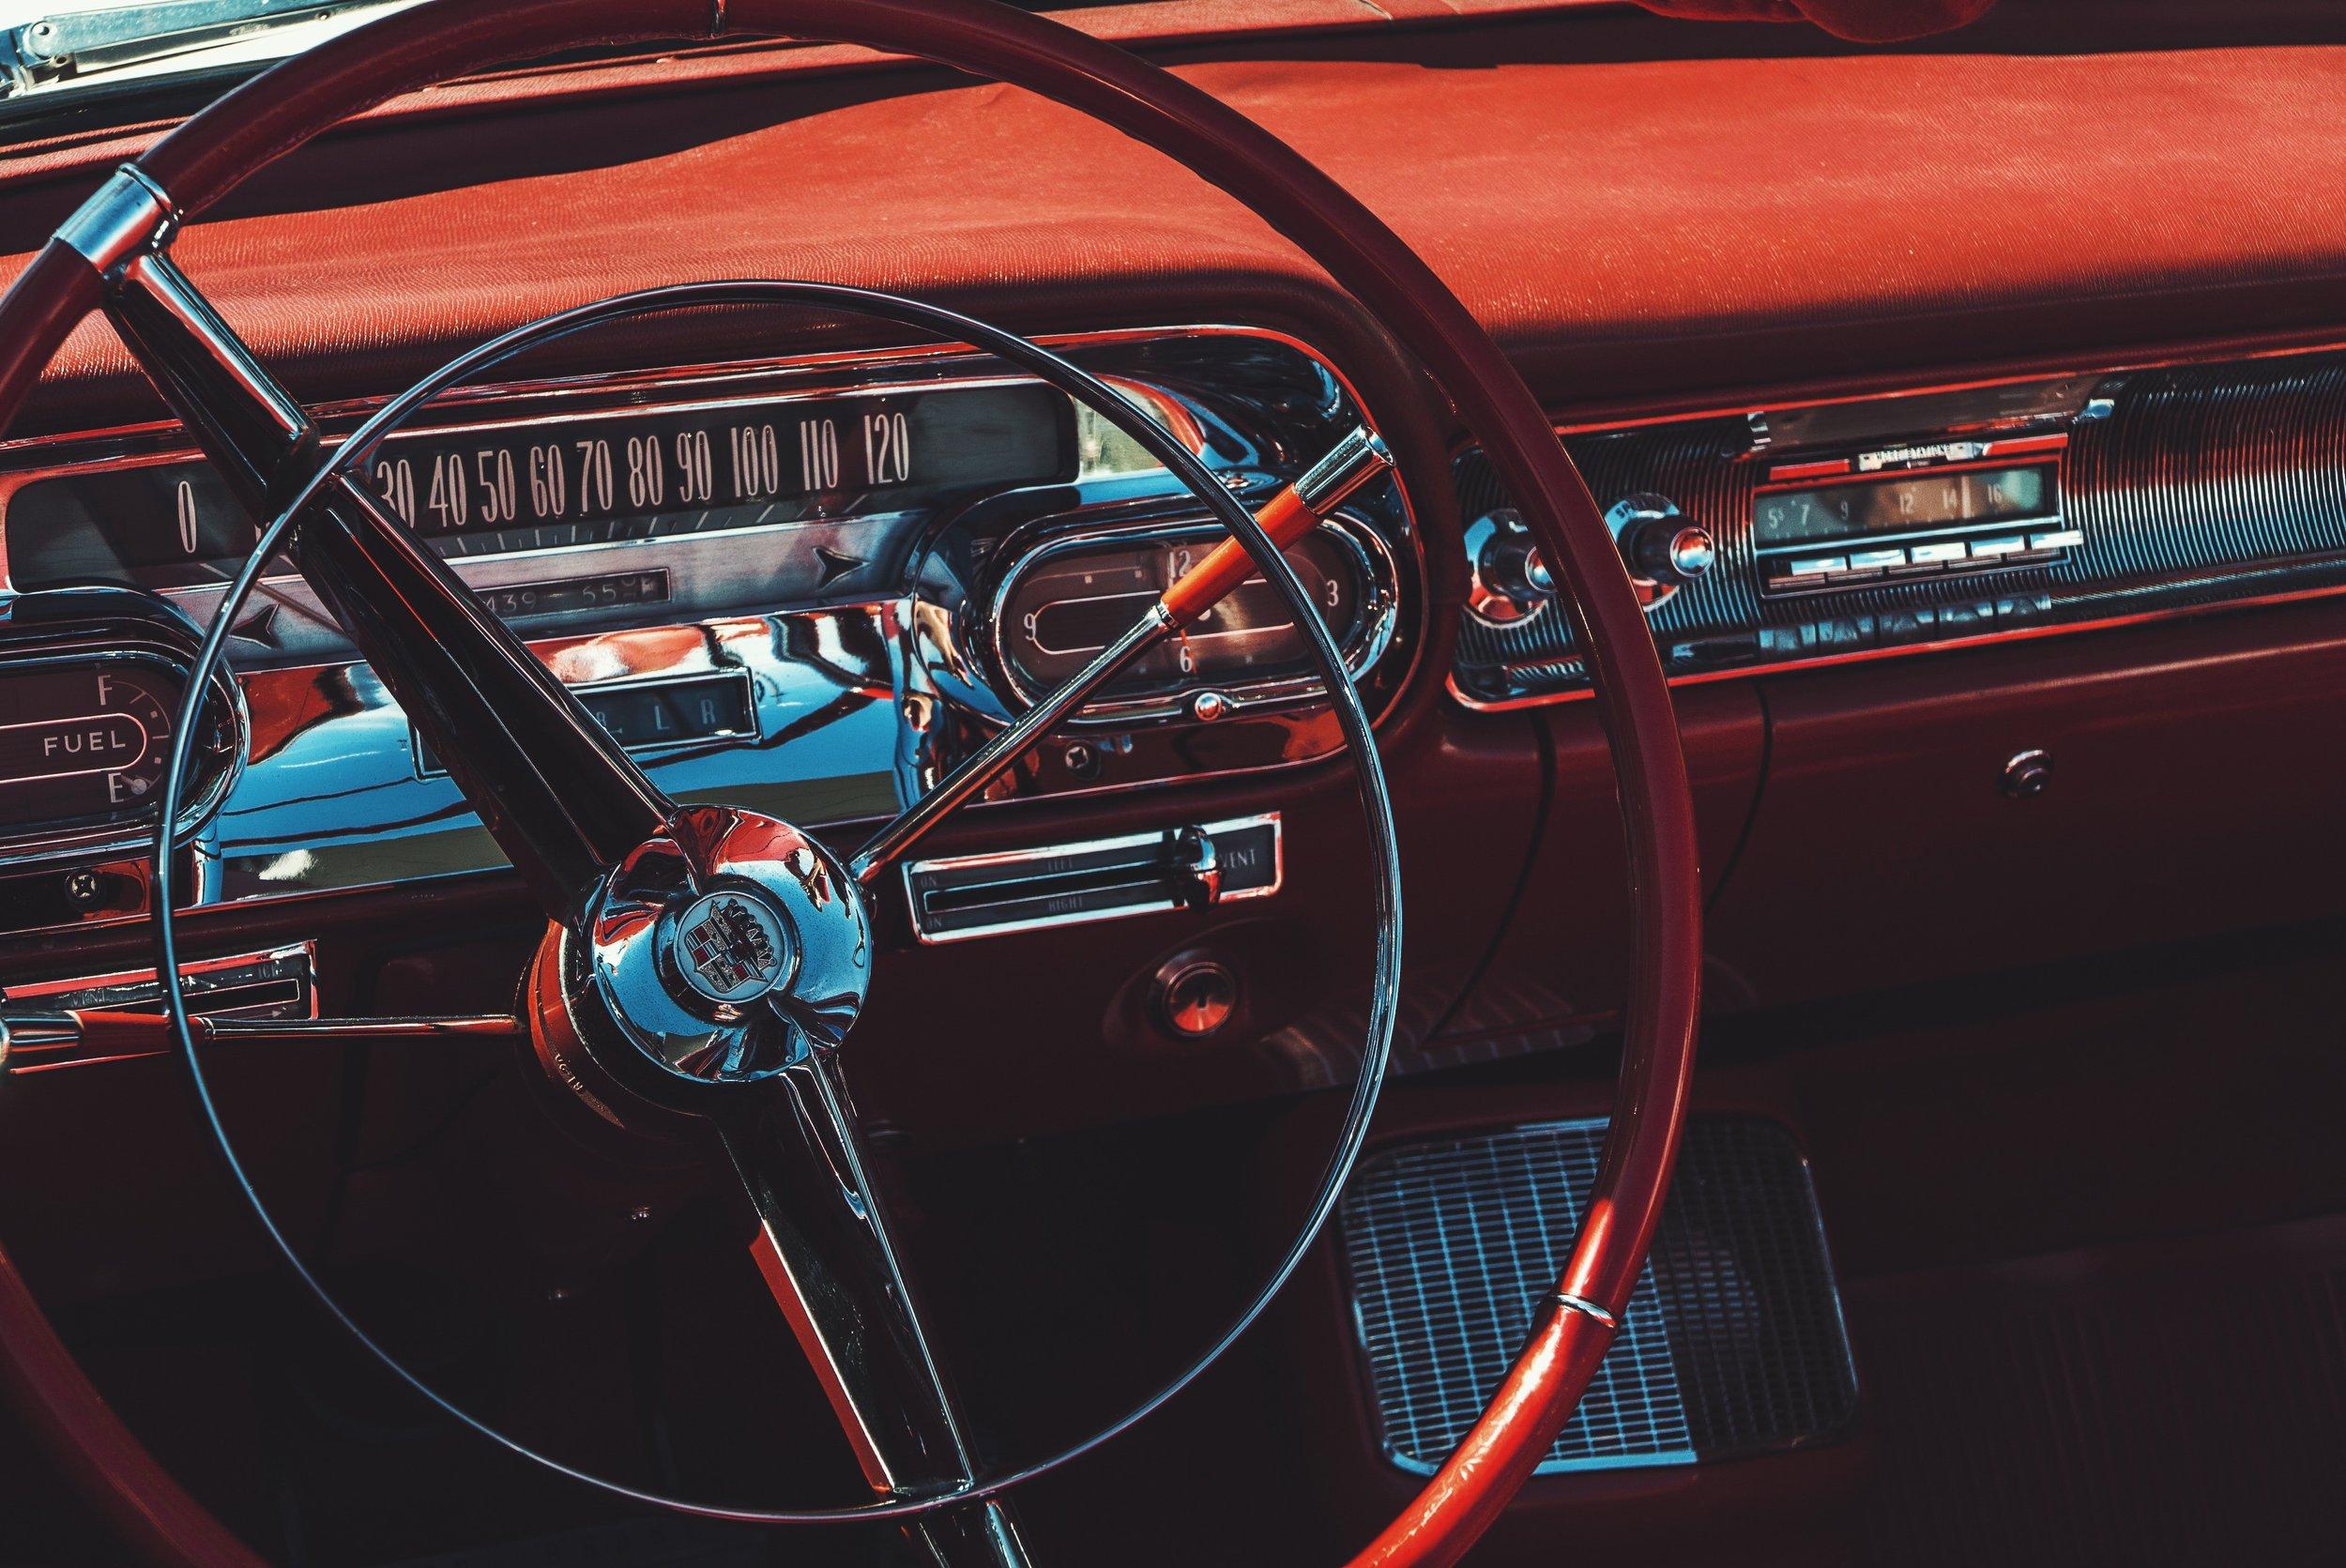 Övertorneå Cruising motor meet